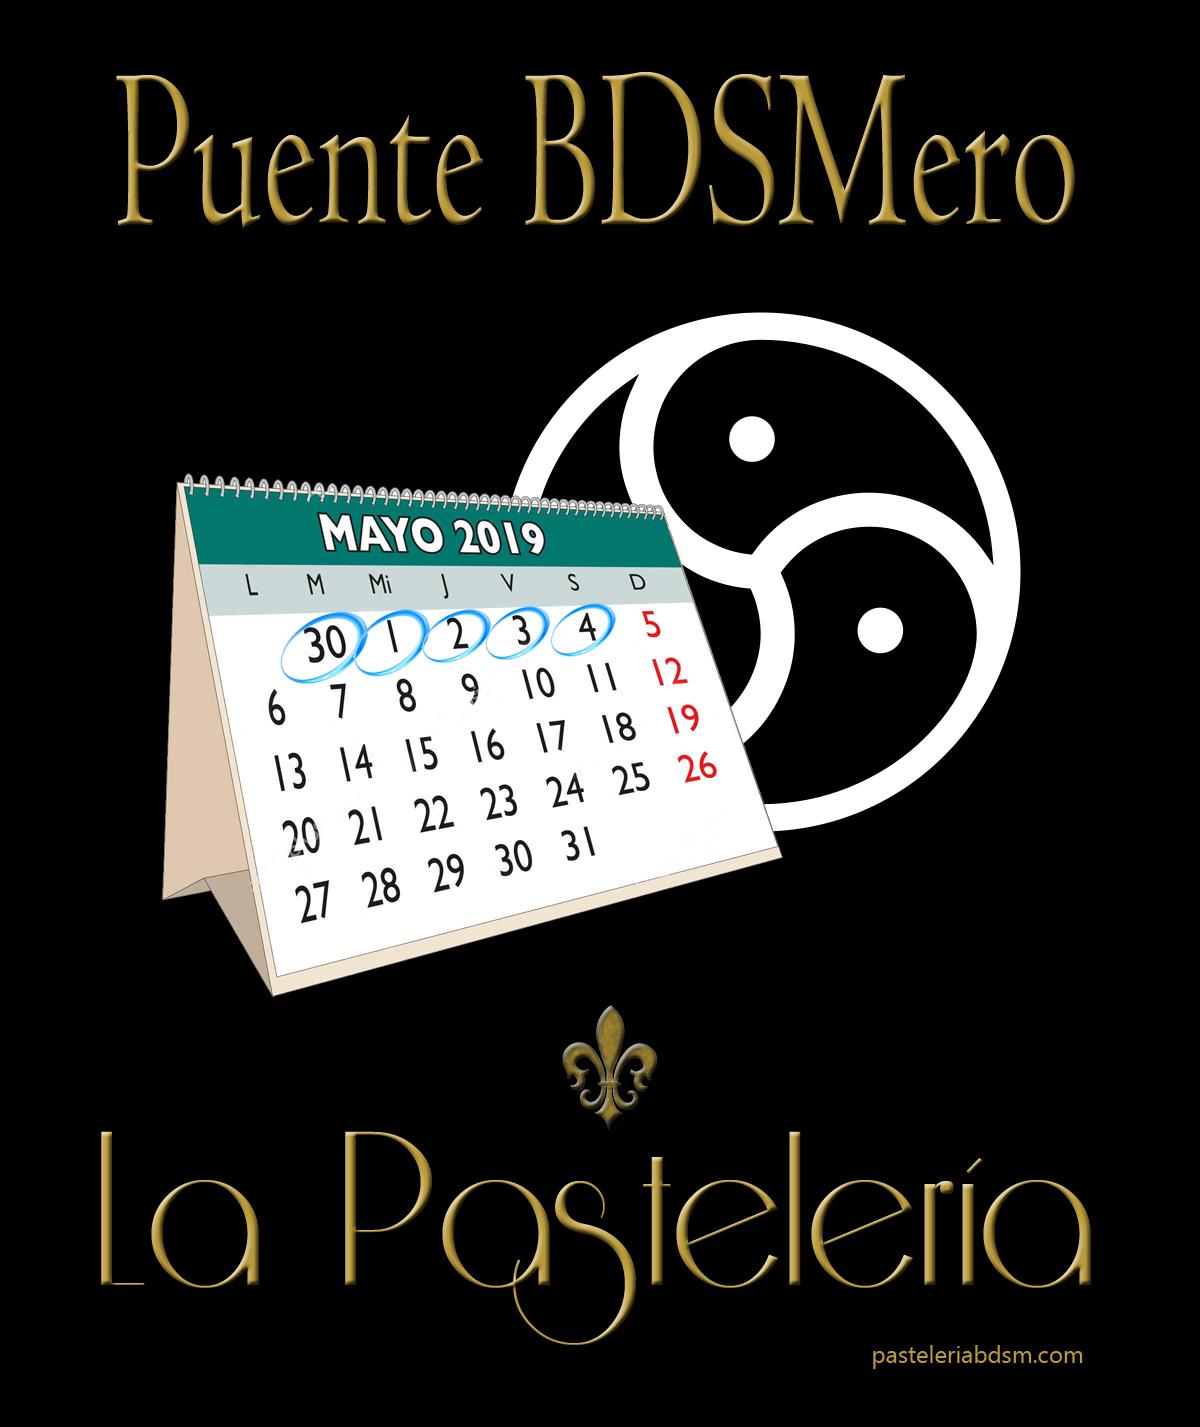 Puente BDSMero en La Pastelería-Madrid @ La Pastelería